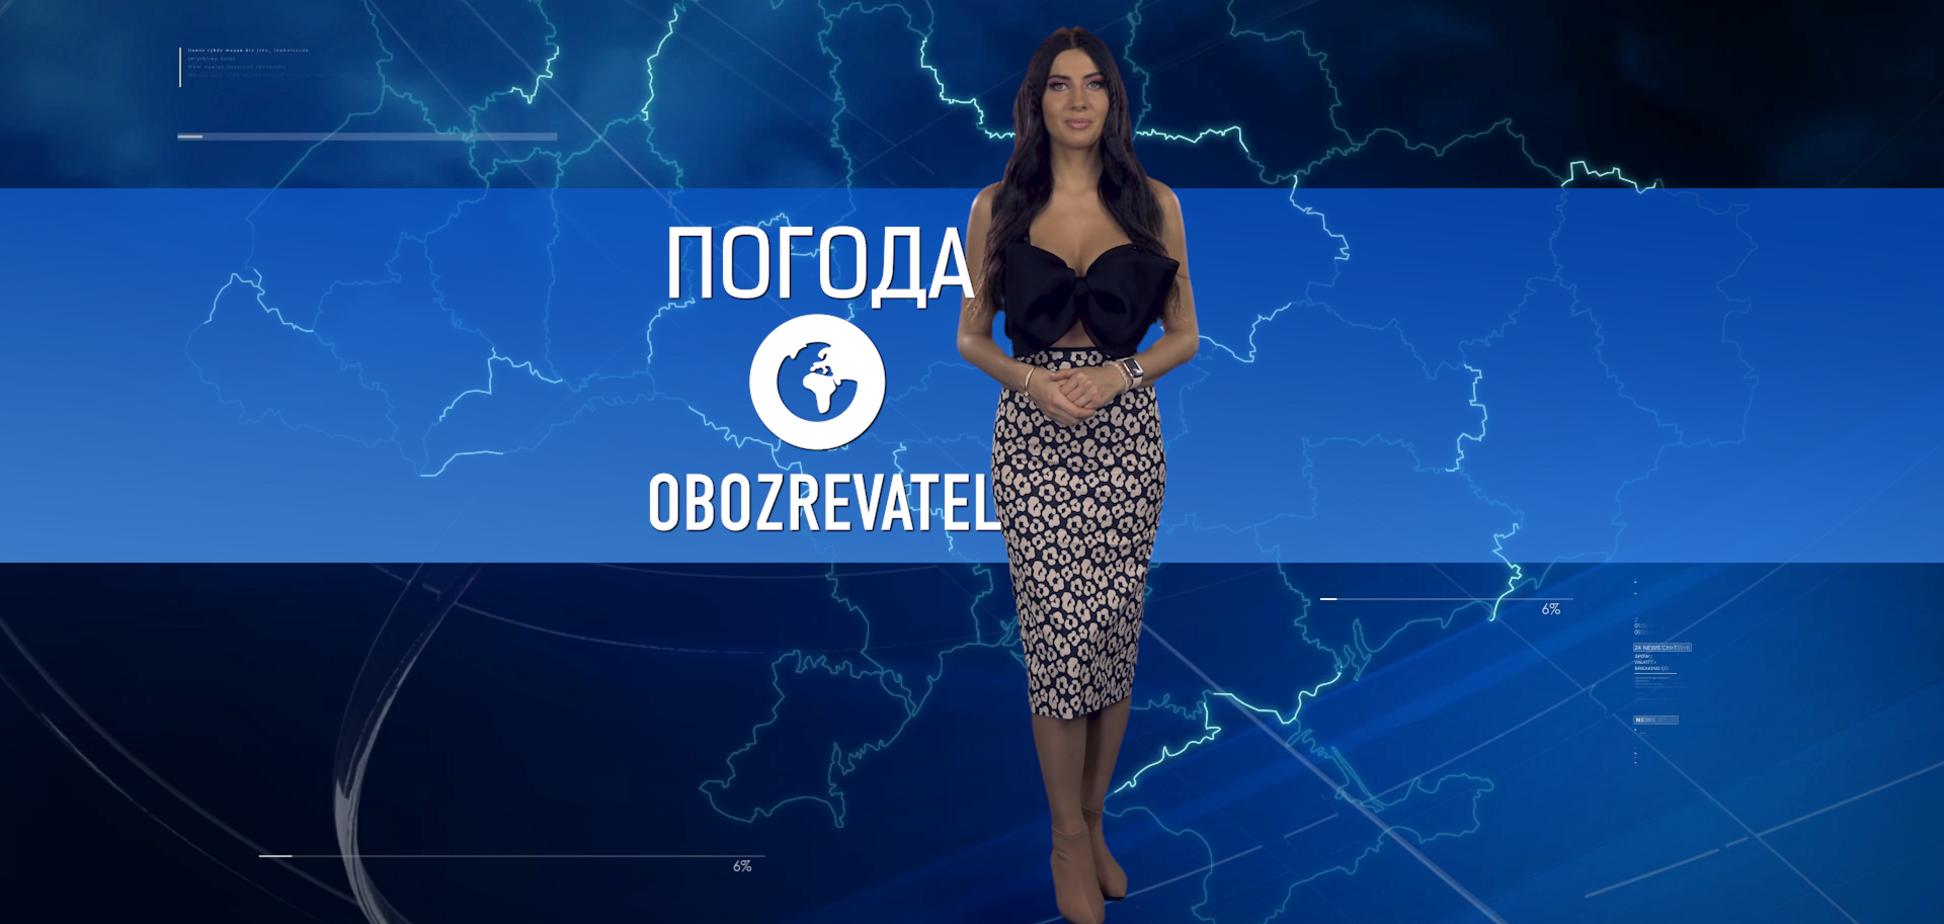 Прогноз погоди в Україні на неділю 7 березня, з Алісою Мярковською